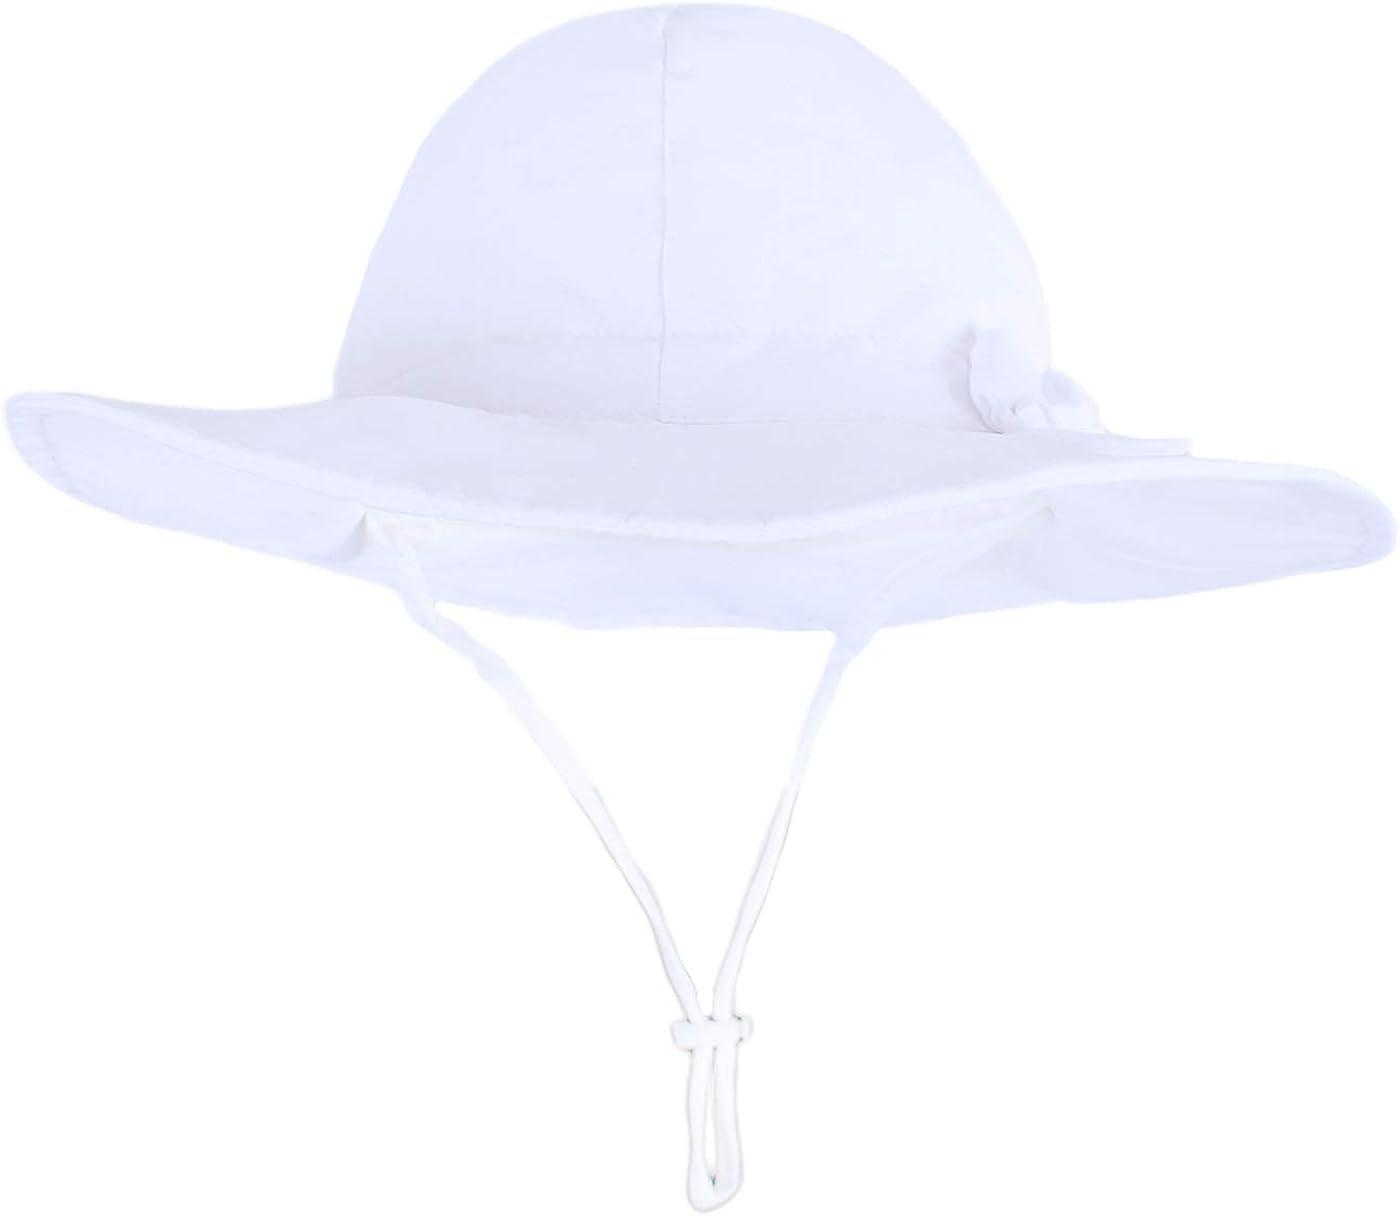 Neonati Cappello da Pescatore Bambino Bambine Estivo Bambini Bucket Hat Anti-UV Berretto con Ala Protezione Solare per Spiaggia Vacanza Viaggio Outdoor Happy Cherry 0-6 Anni